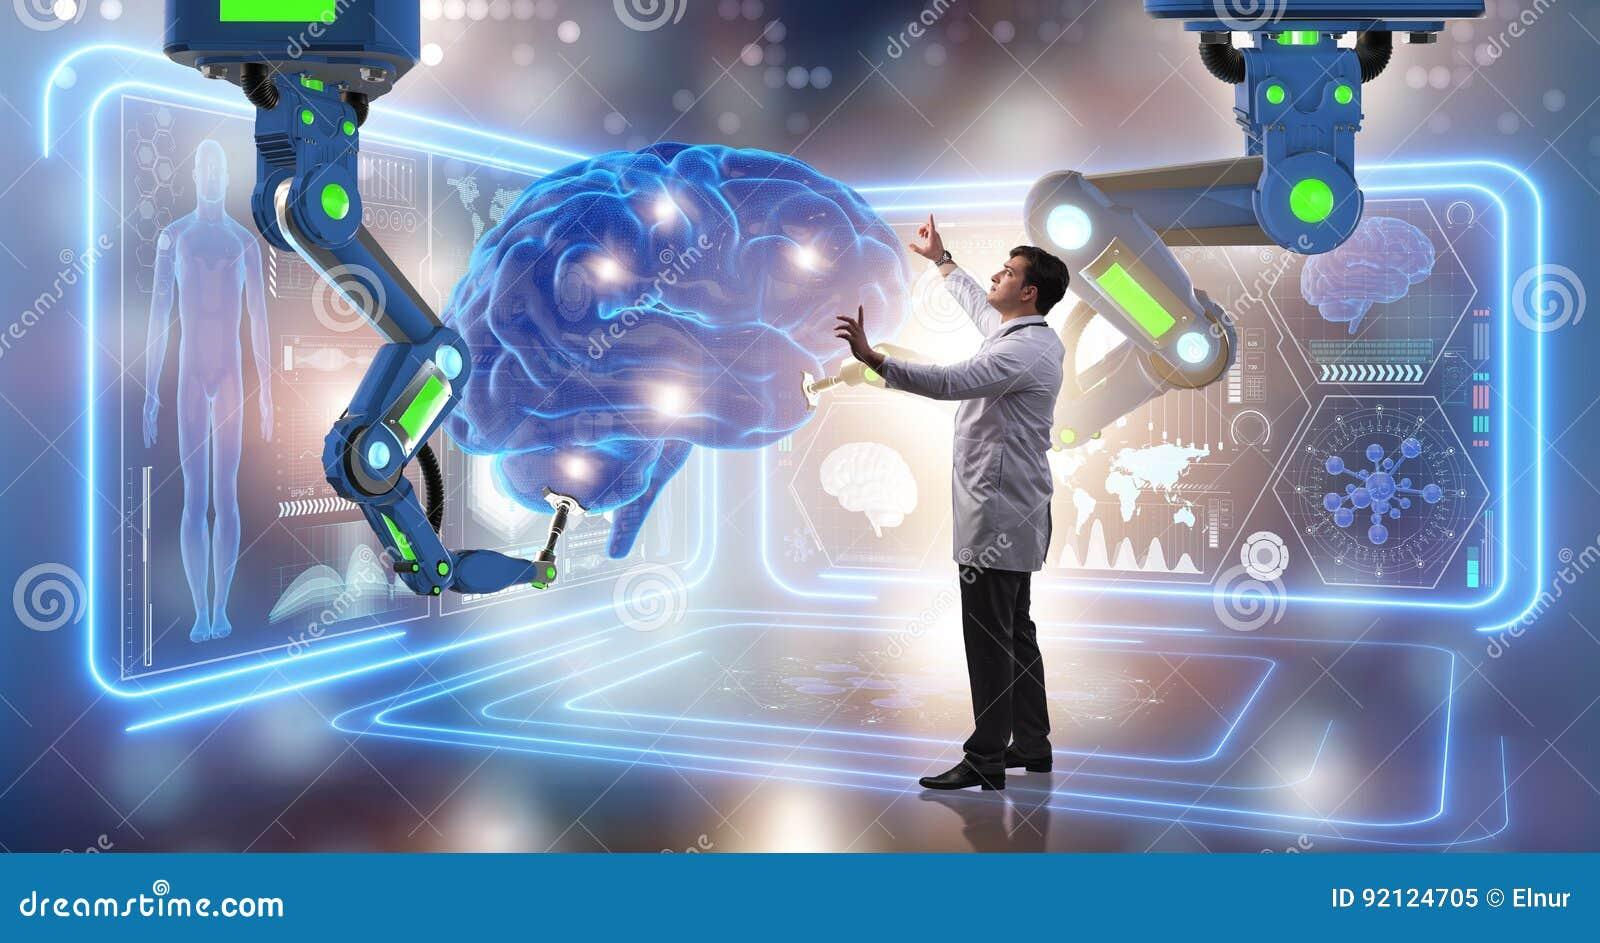 Die Gehirnchirurgie erfolgt durch Roboterarm